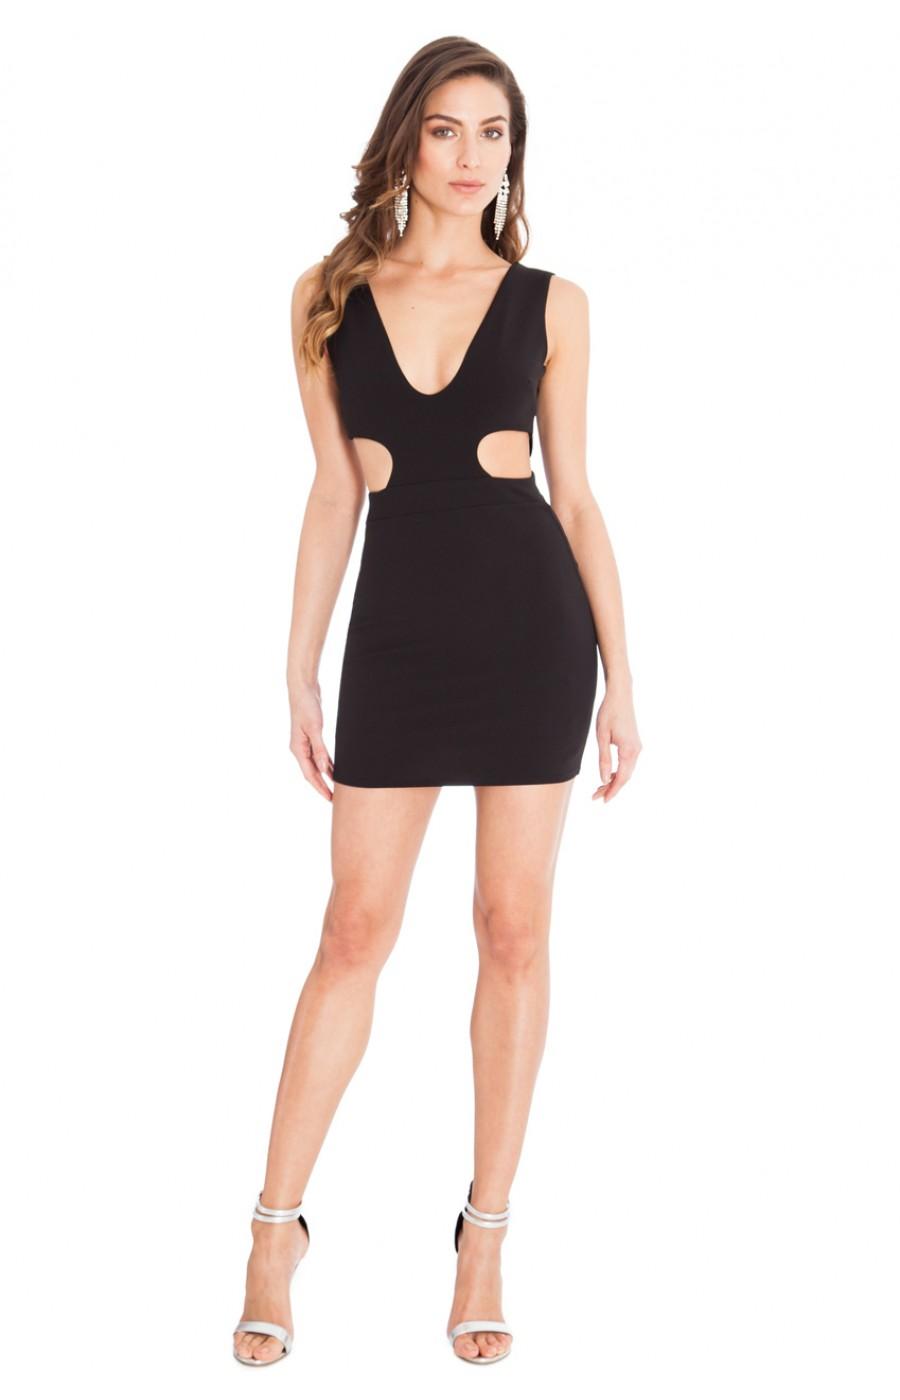 Μαυρο κοντο φορεμα με ανοικτα πλαινα